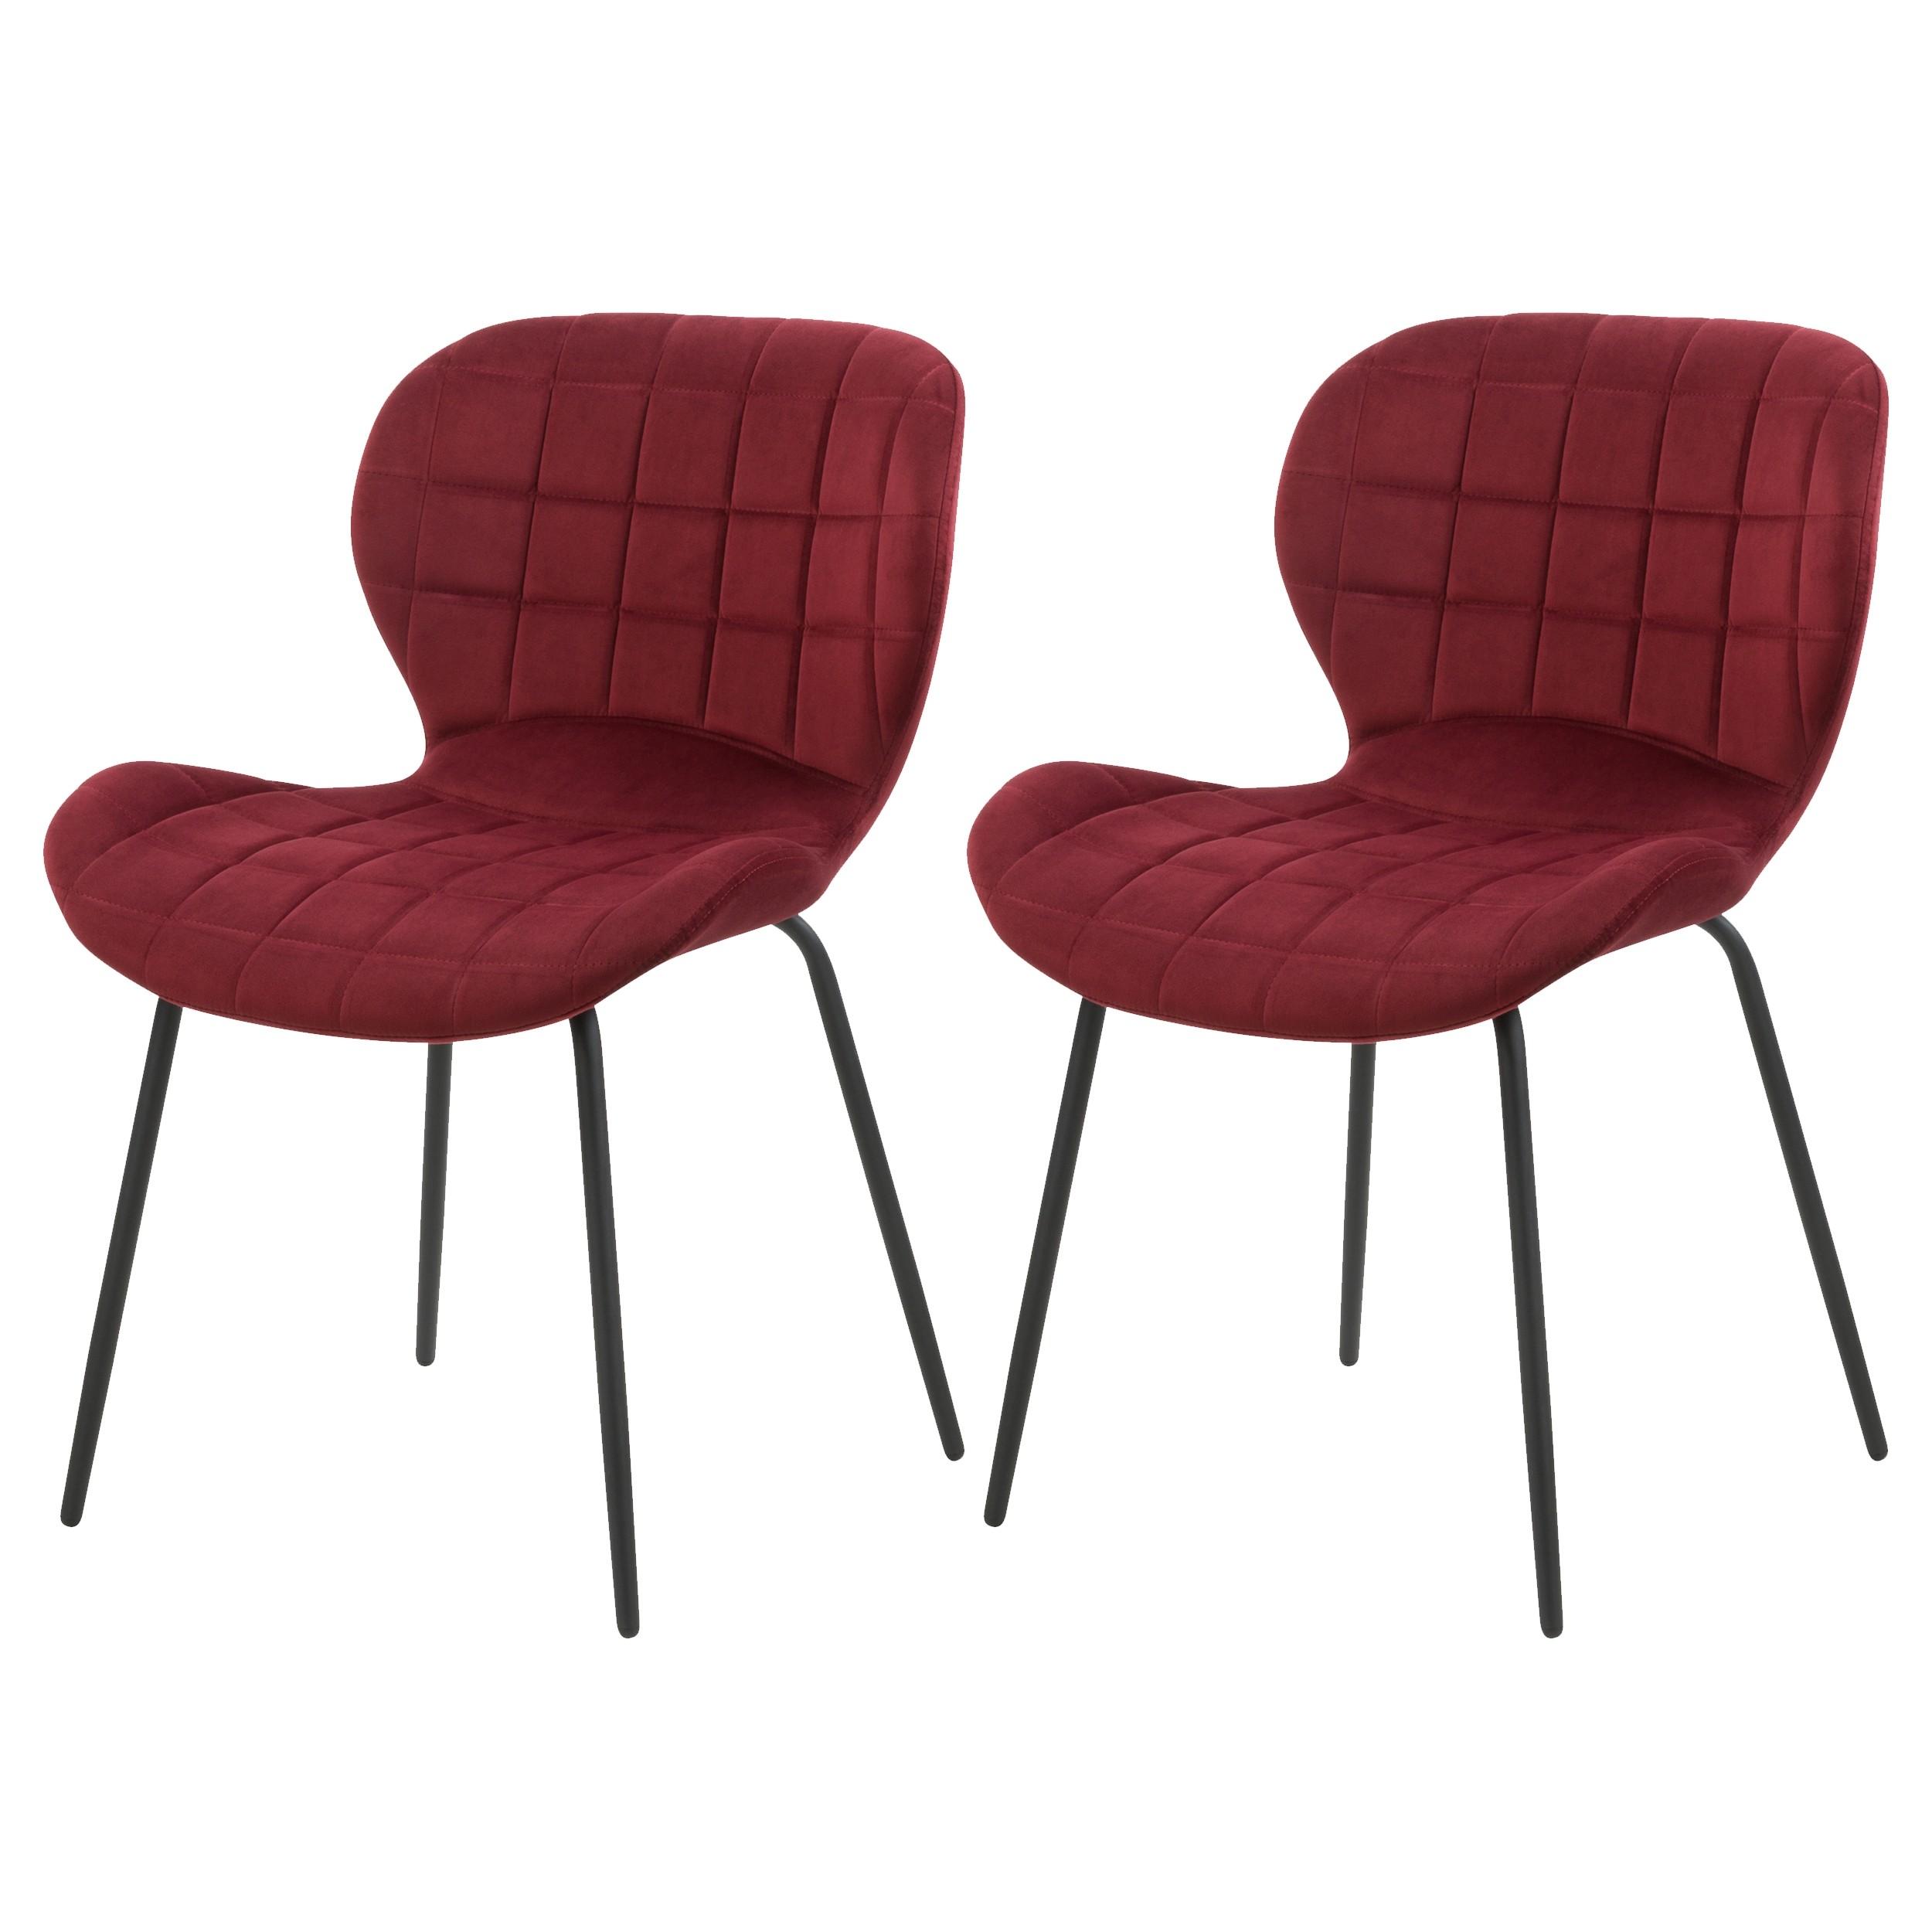 acheter chaise lot de 2 bordeaux en velours